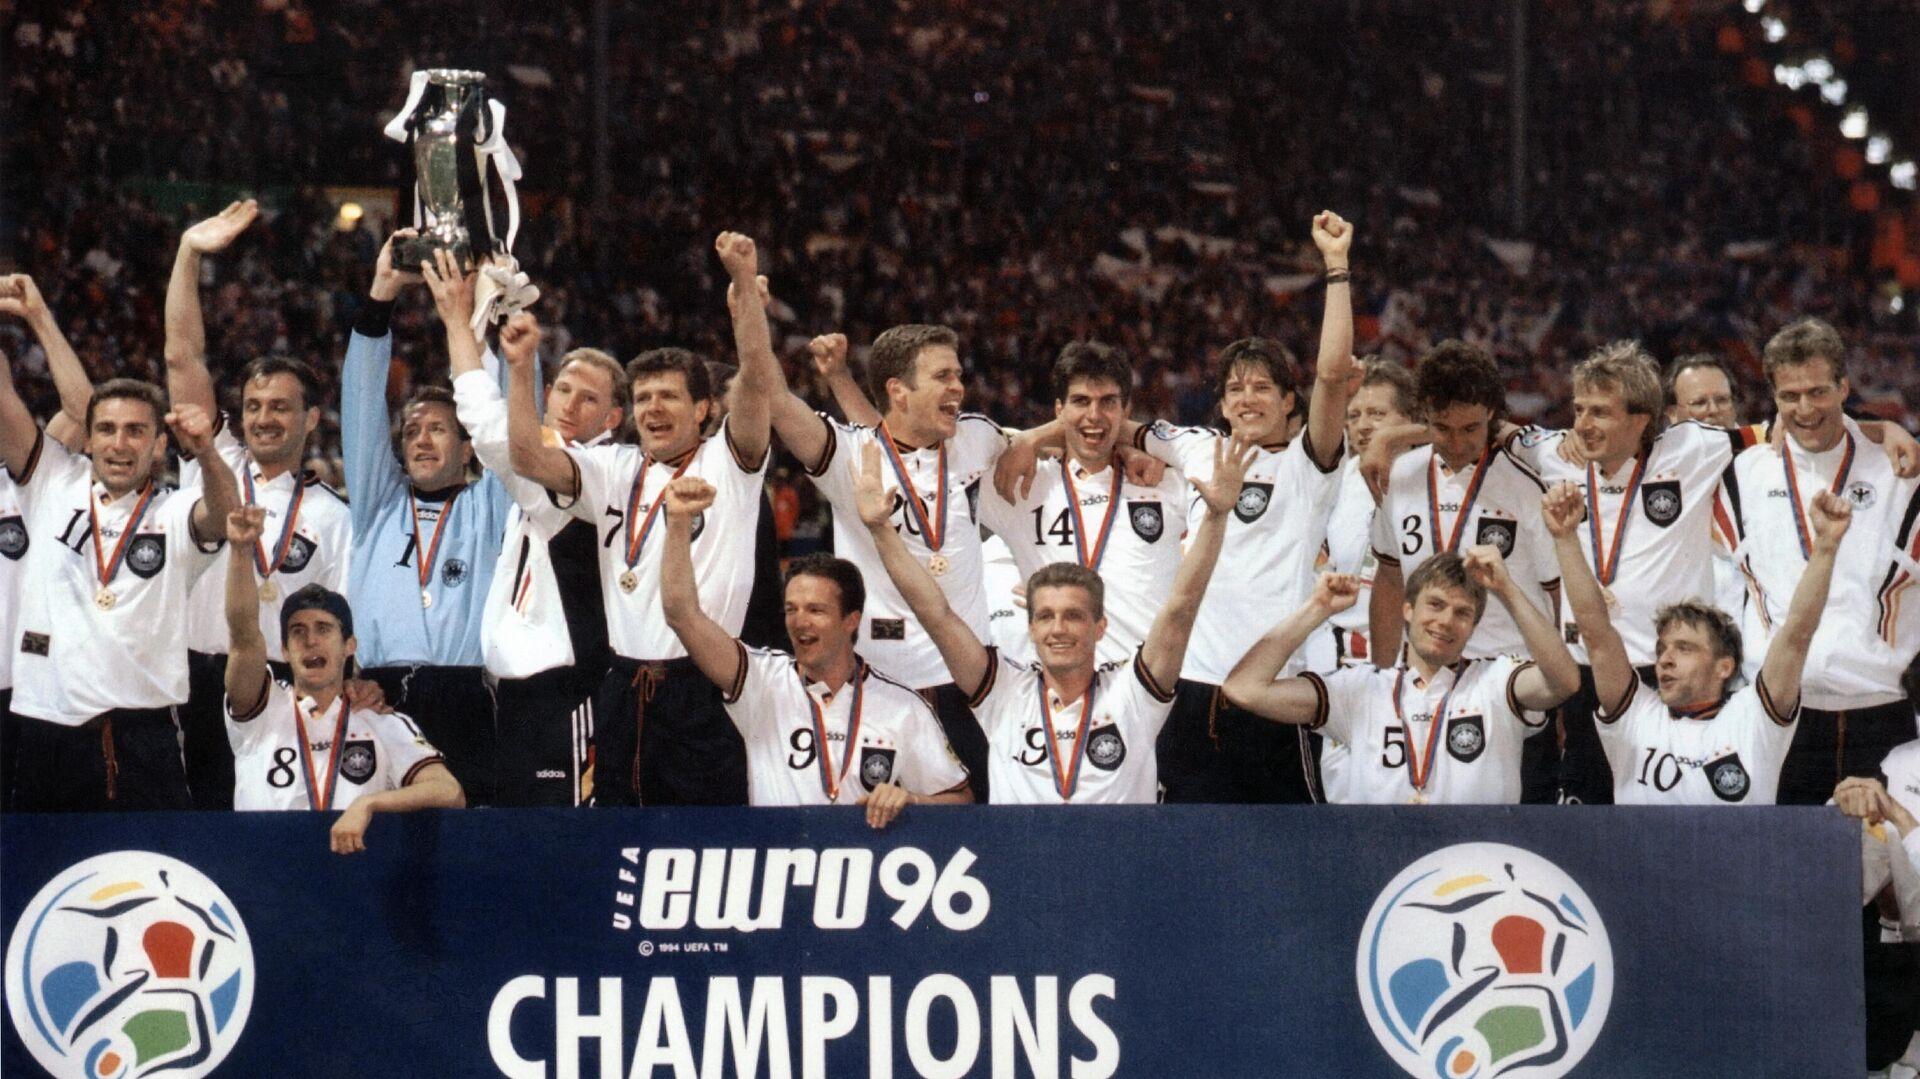 Сборная Германии после победы на ЕВРО-1996 - РИА Новости, 1920, 24.03.2021